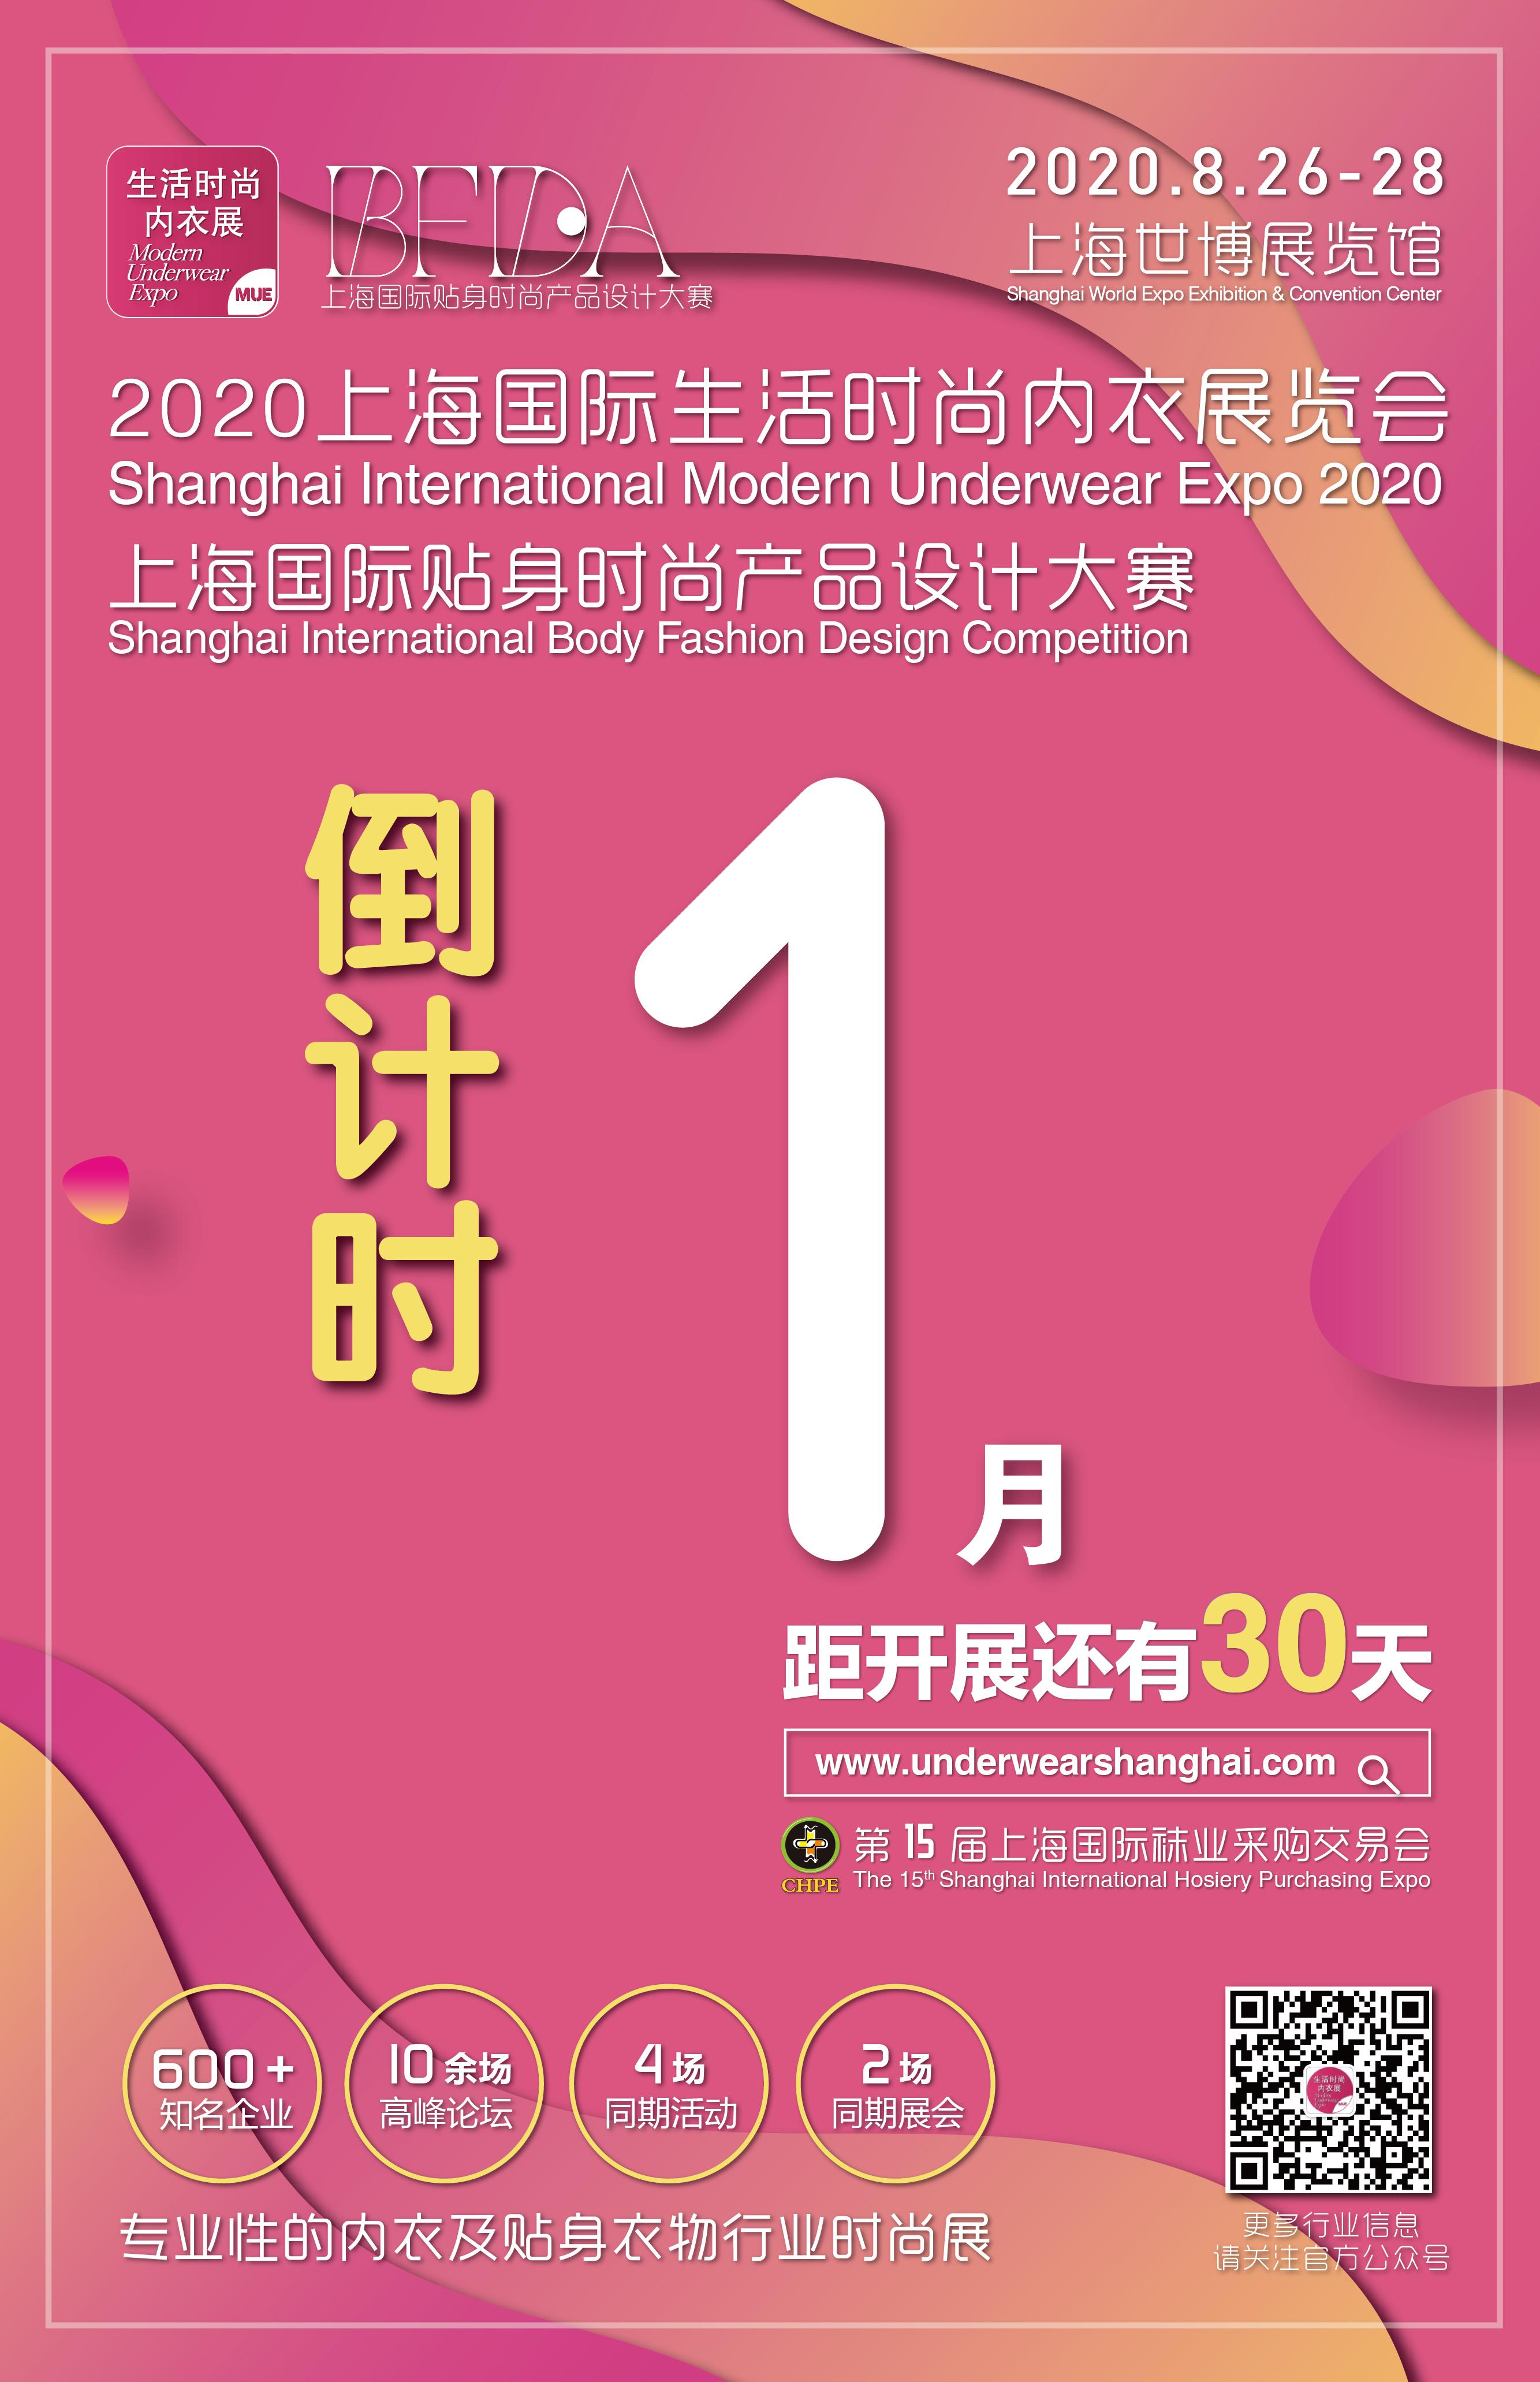 万博体育手机下载生活内衣展倒计时30天,带您领略华东地区专业贴身衣物平台